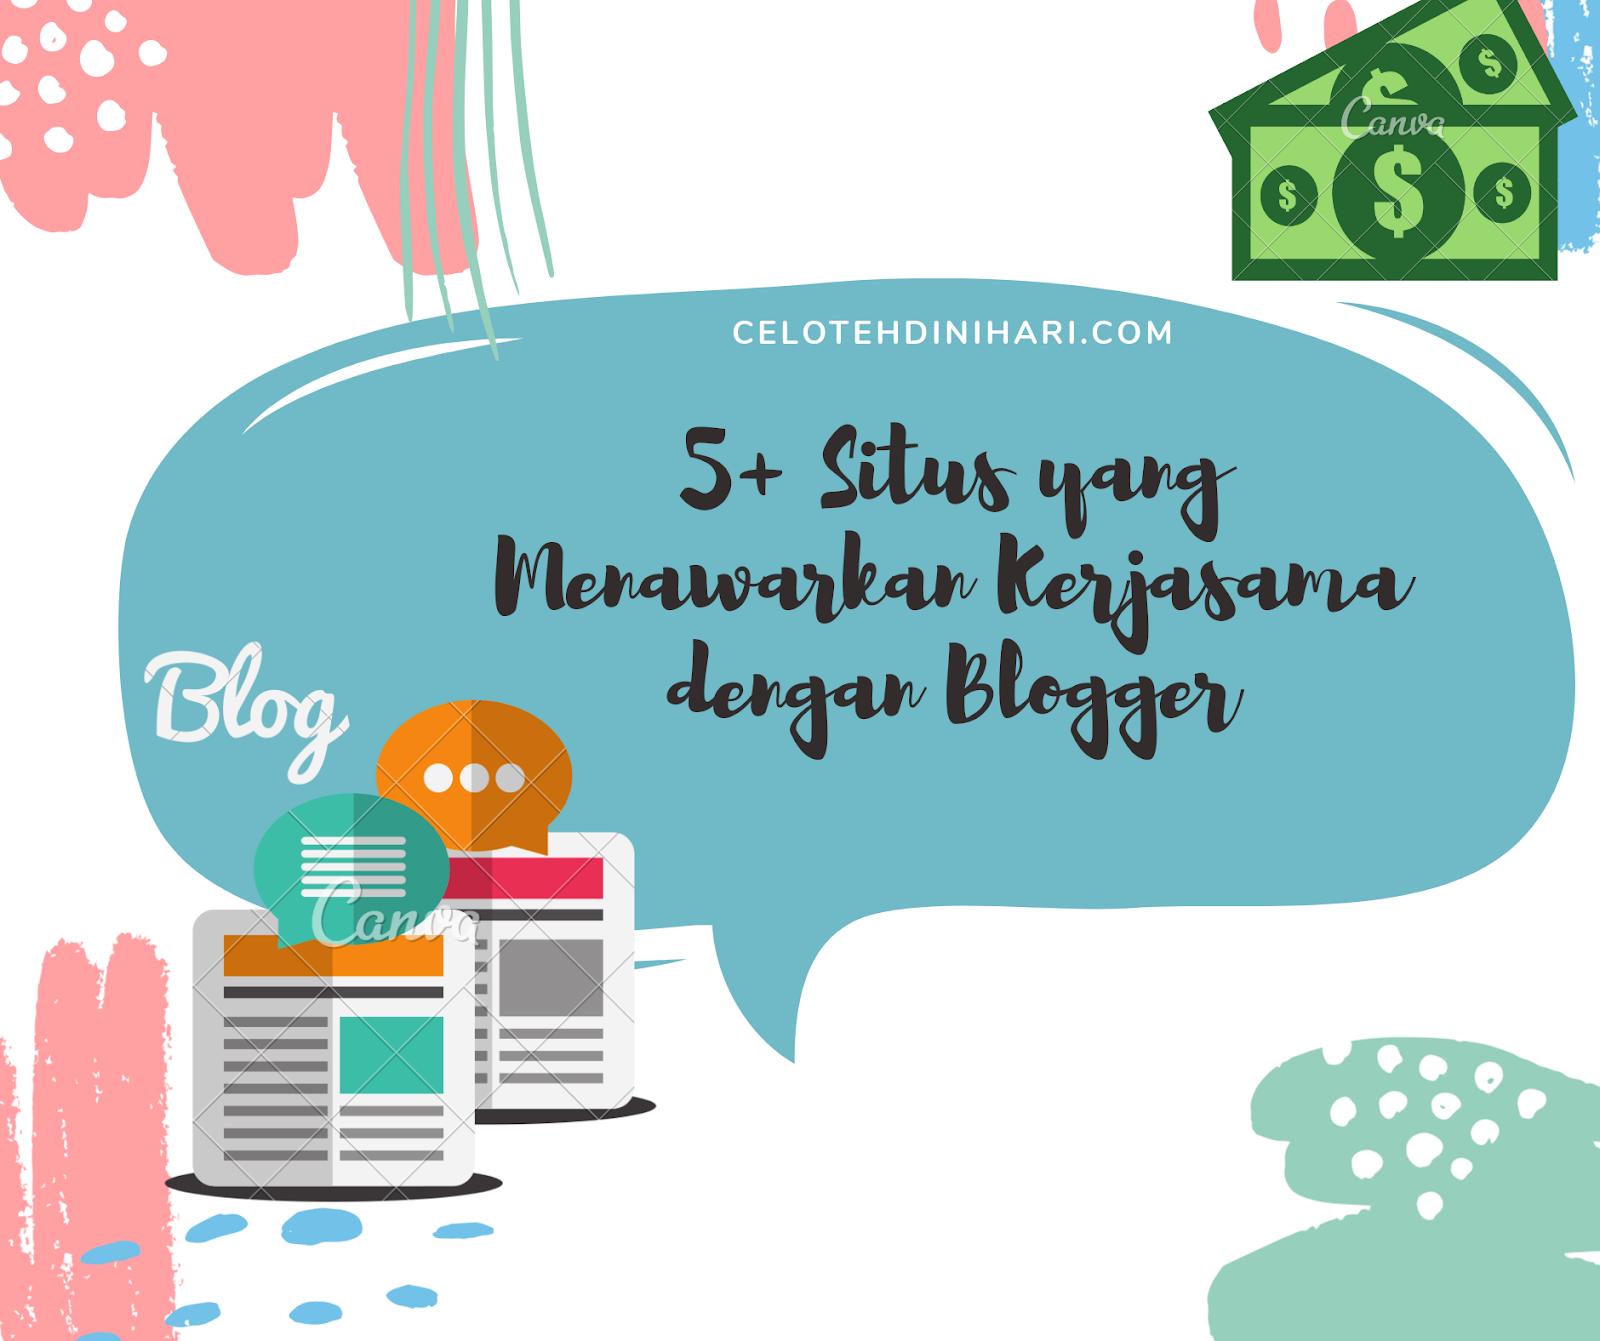 Situs yang menawarkan kerjasama dengan blogger